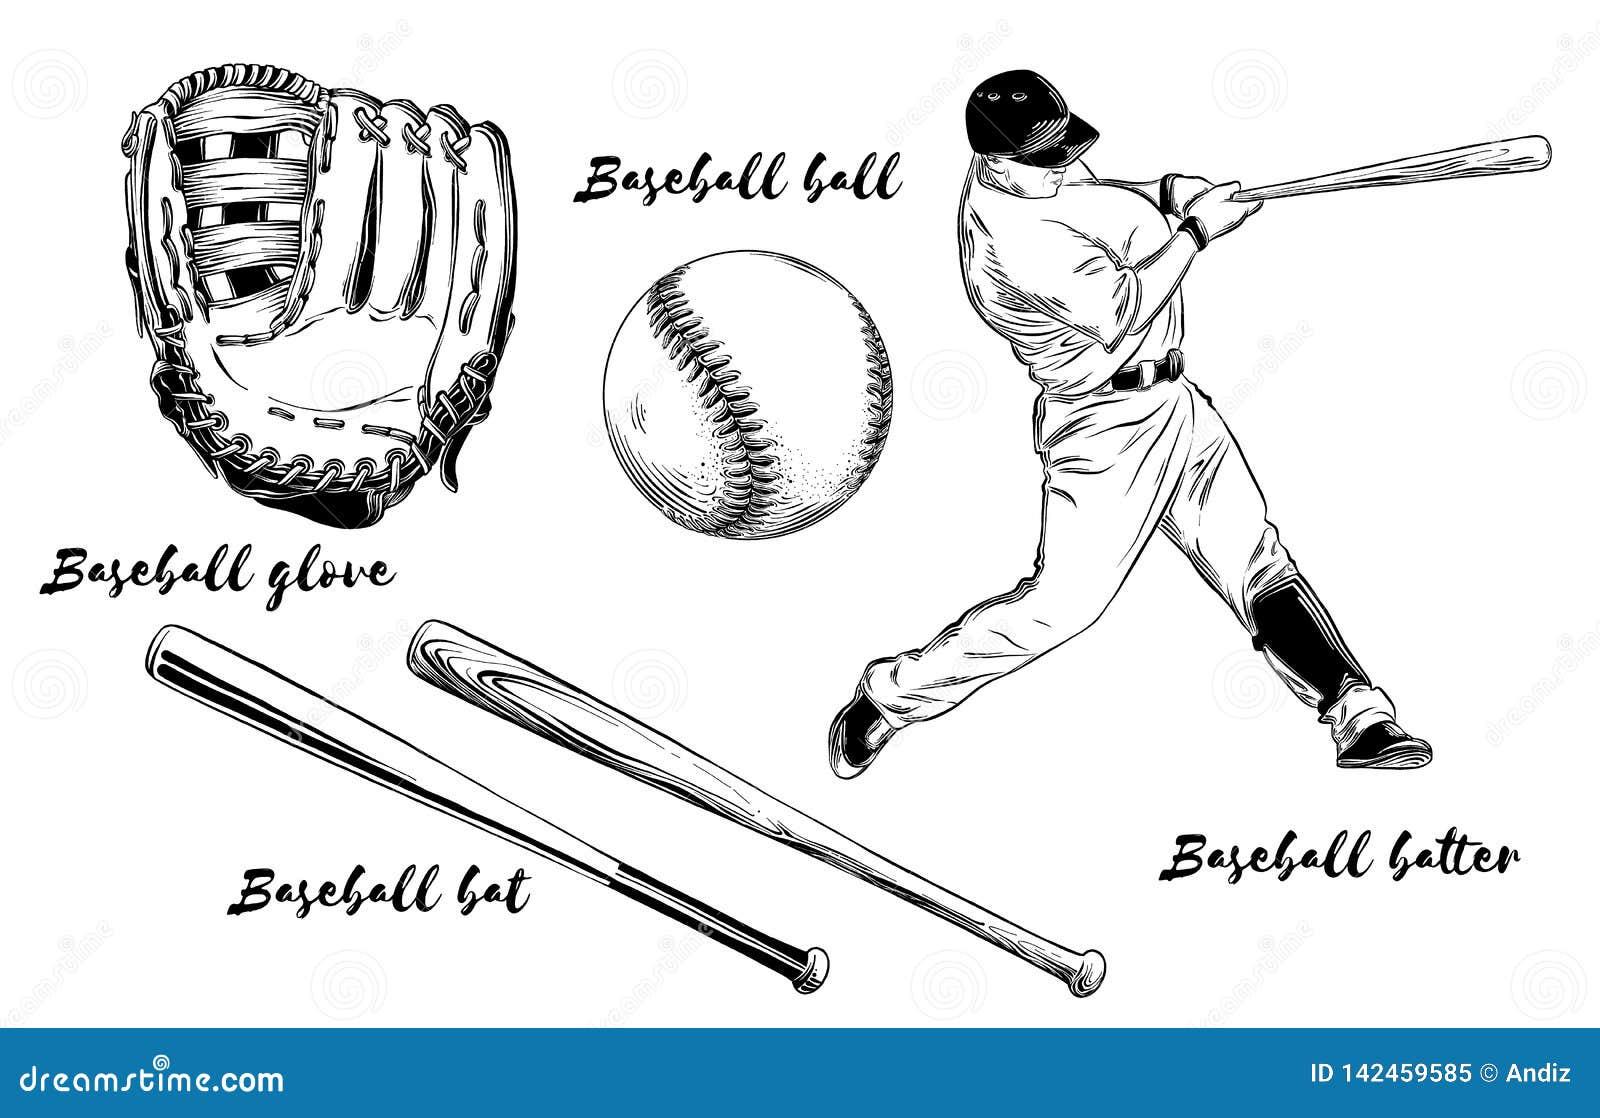 Odosobniony baseball ustawiający na białym tle Pociągany ręcznie elementy tak jak gracz baseballa, rękawiczka, nietoperz i piłka,